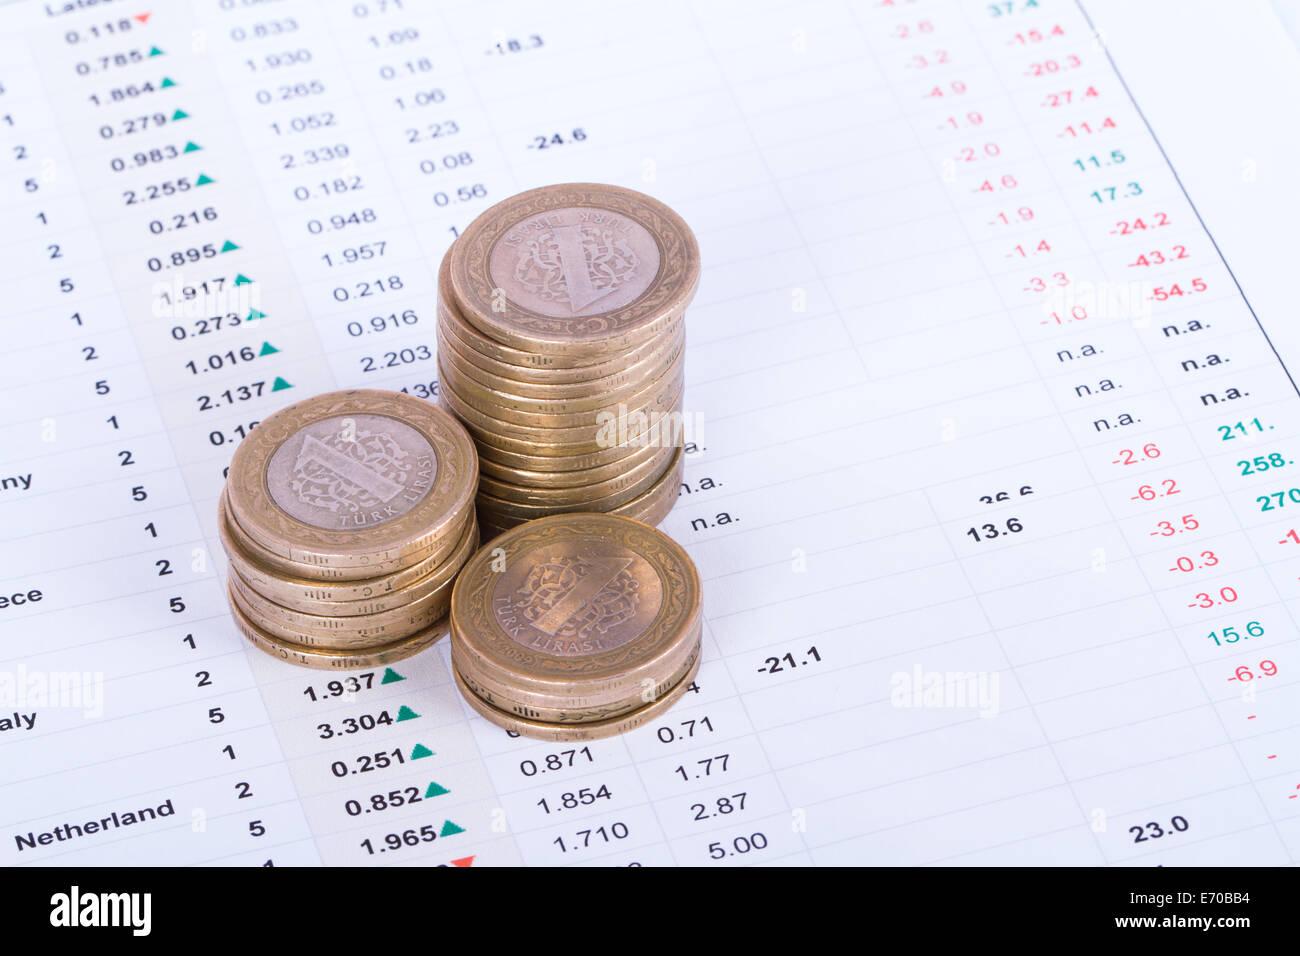 Münzen auf der Analyse von Finanzdaten. Stockbild